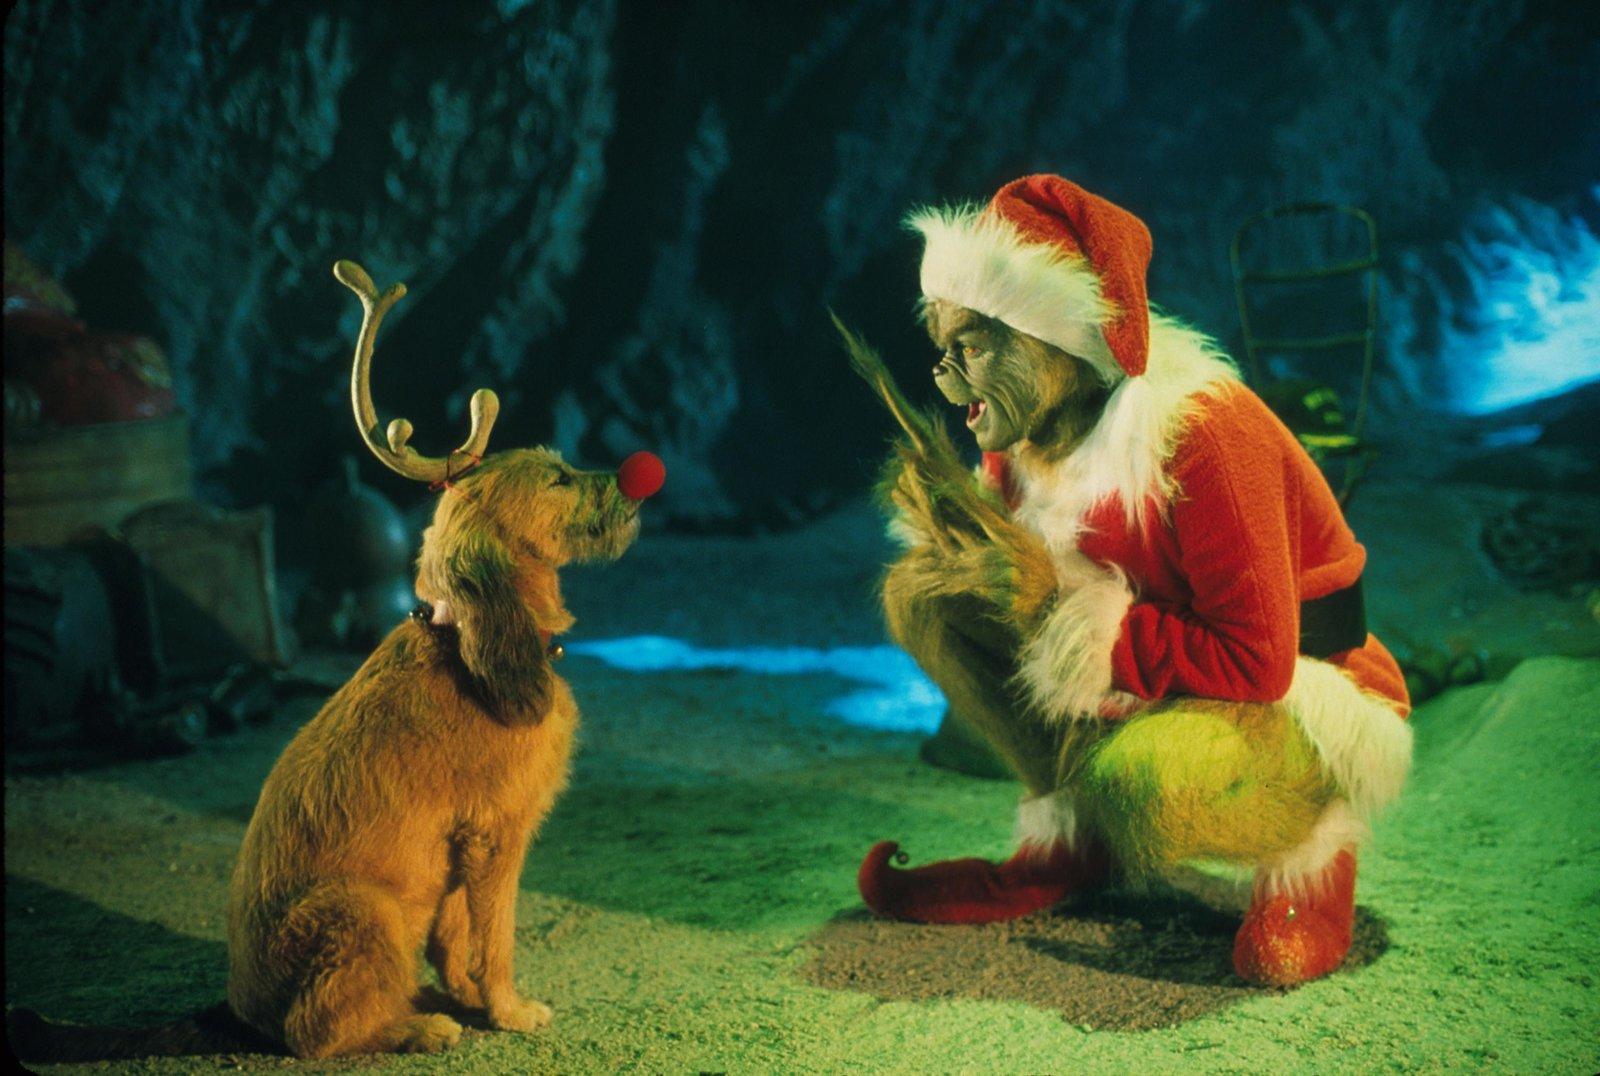 How the Grinch Stole Christmas, Kā Grinčs nozaga Ziemassvētkus